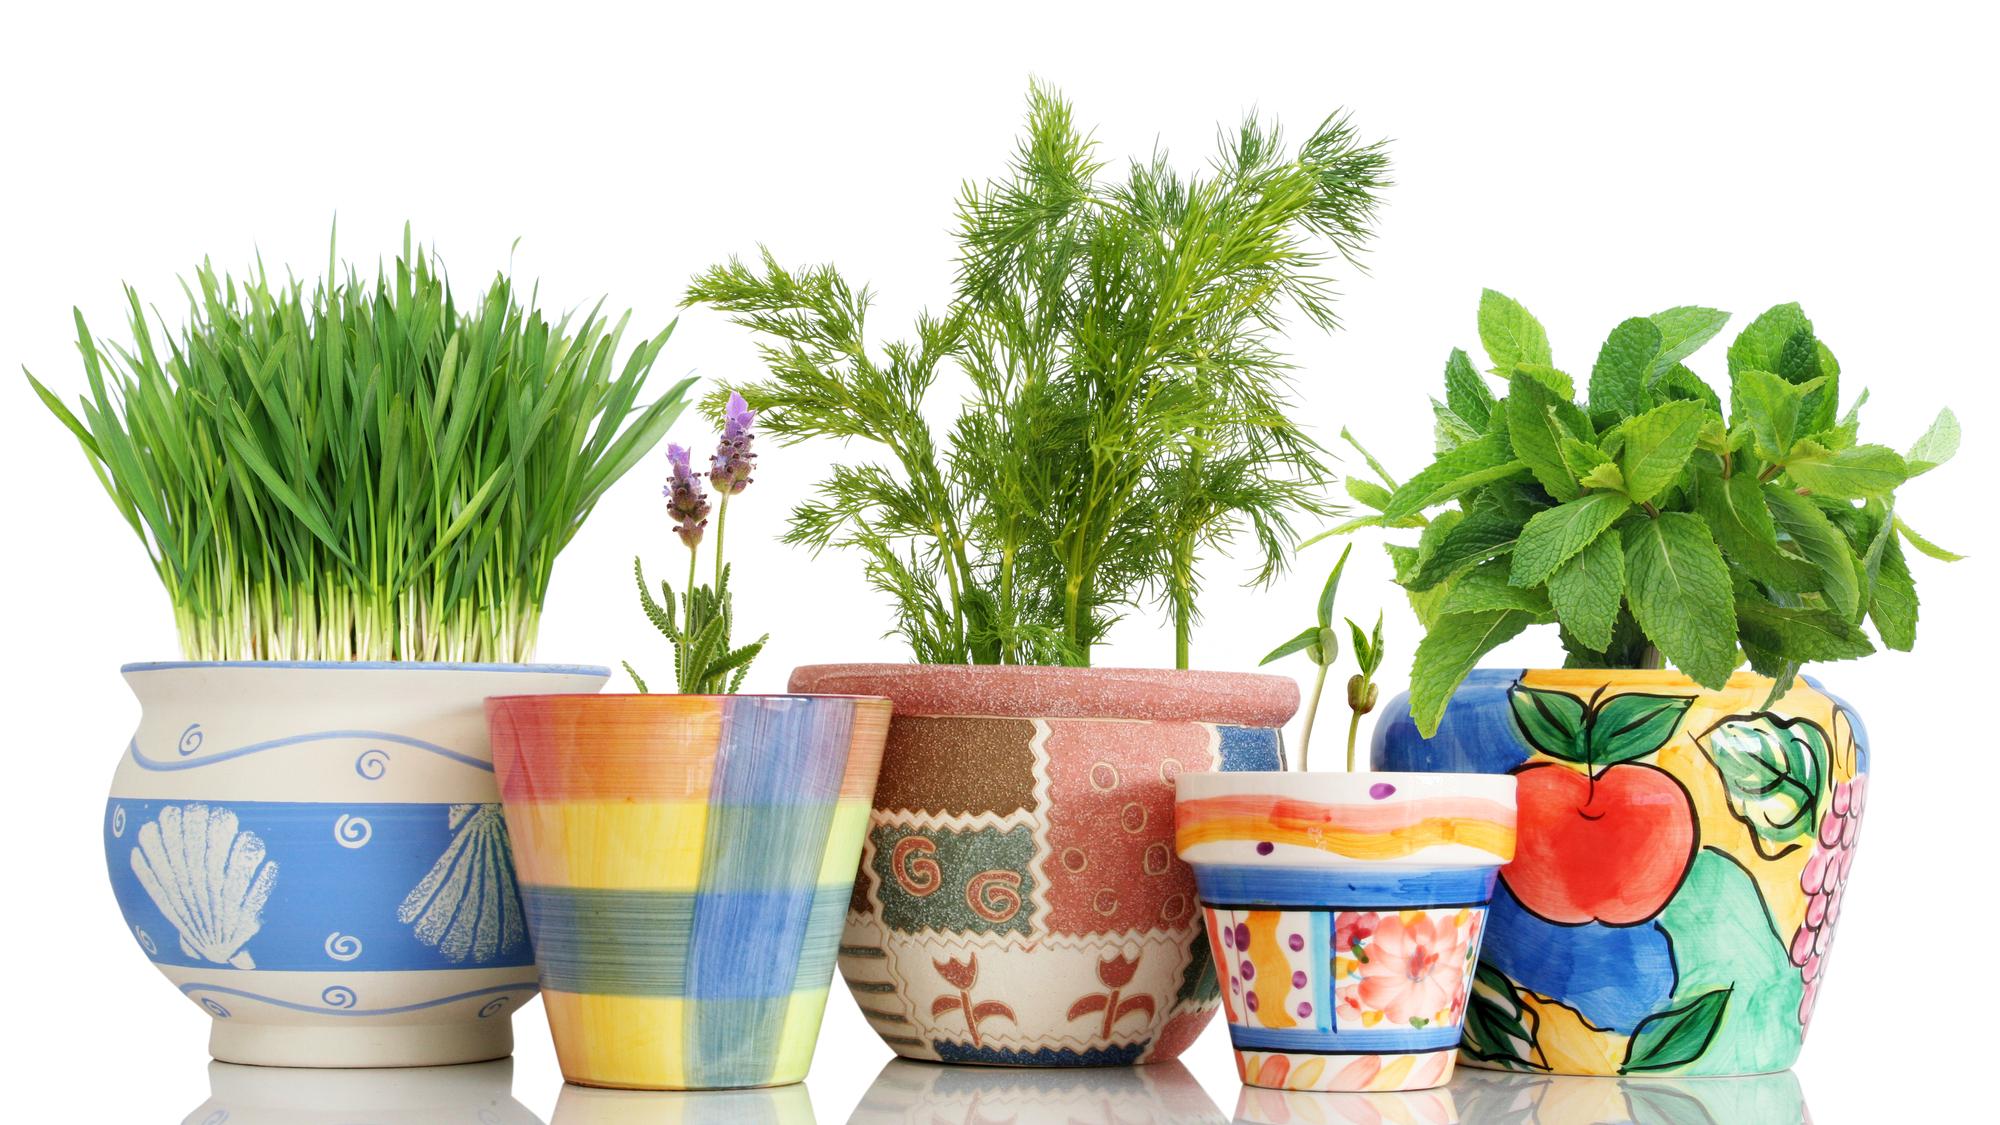 Full Size of Kräutertopf Keramik Krutertopf Auswahl Waschbecken Küche Wohnzimmer Kräutertopf Keramik